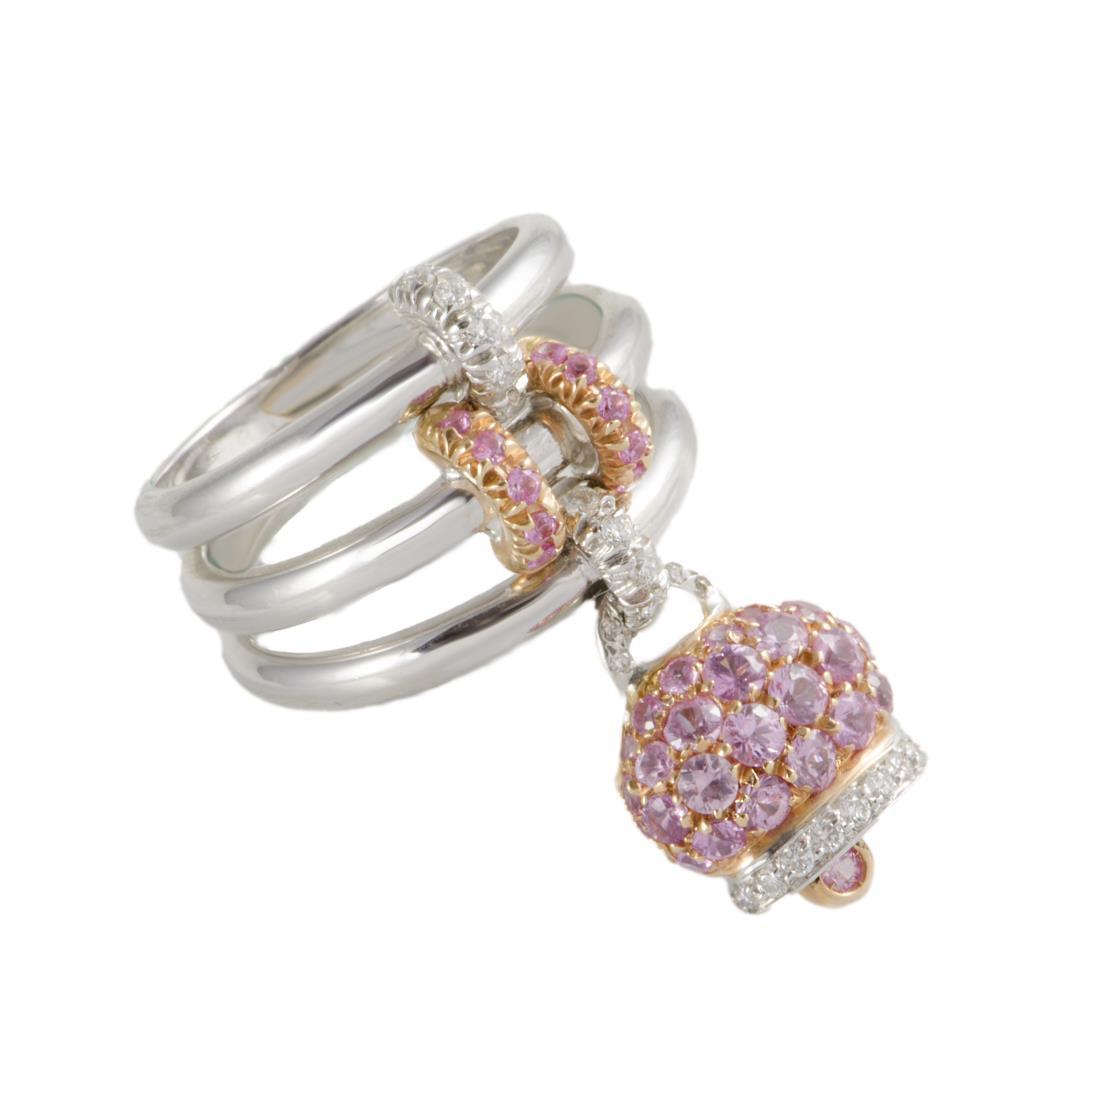 Anello Chantecler Campanelle in oro bianco con diamanti e zaffiri rosa  - CHANTECLER